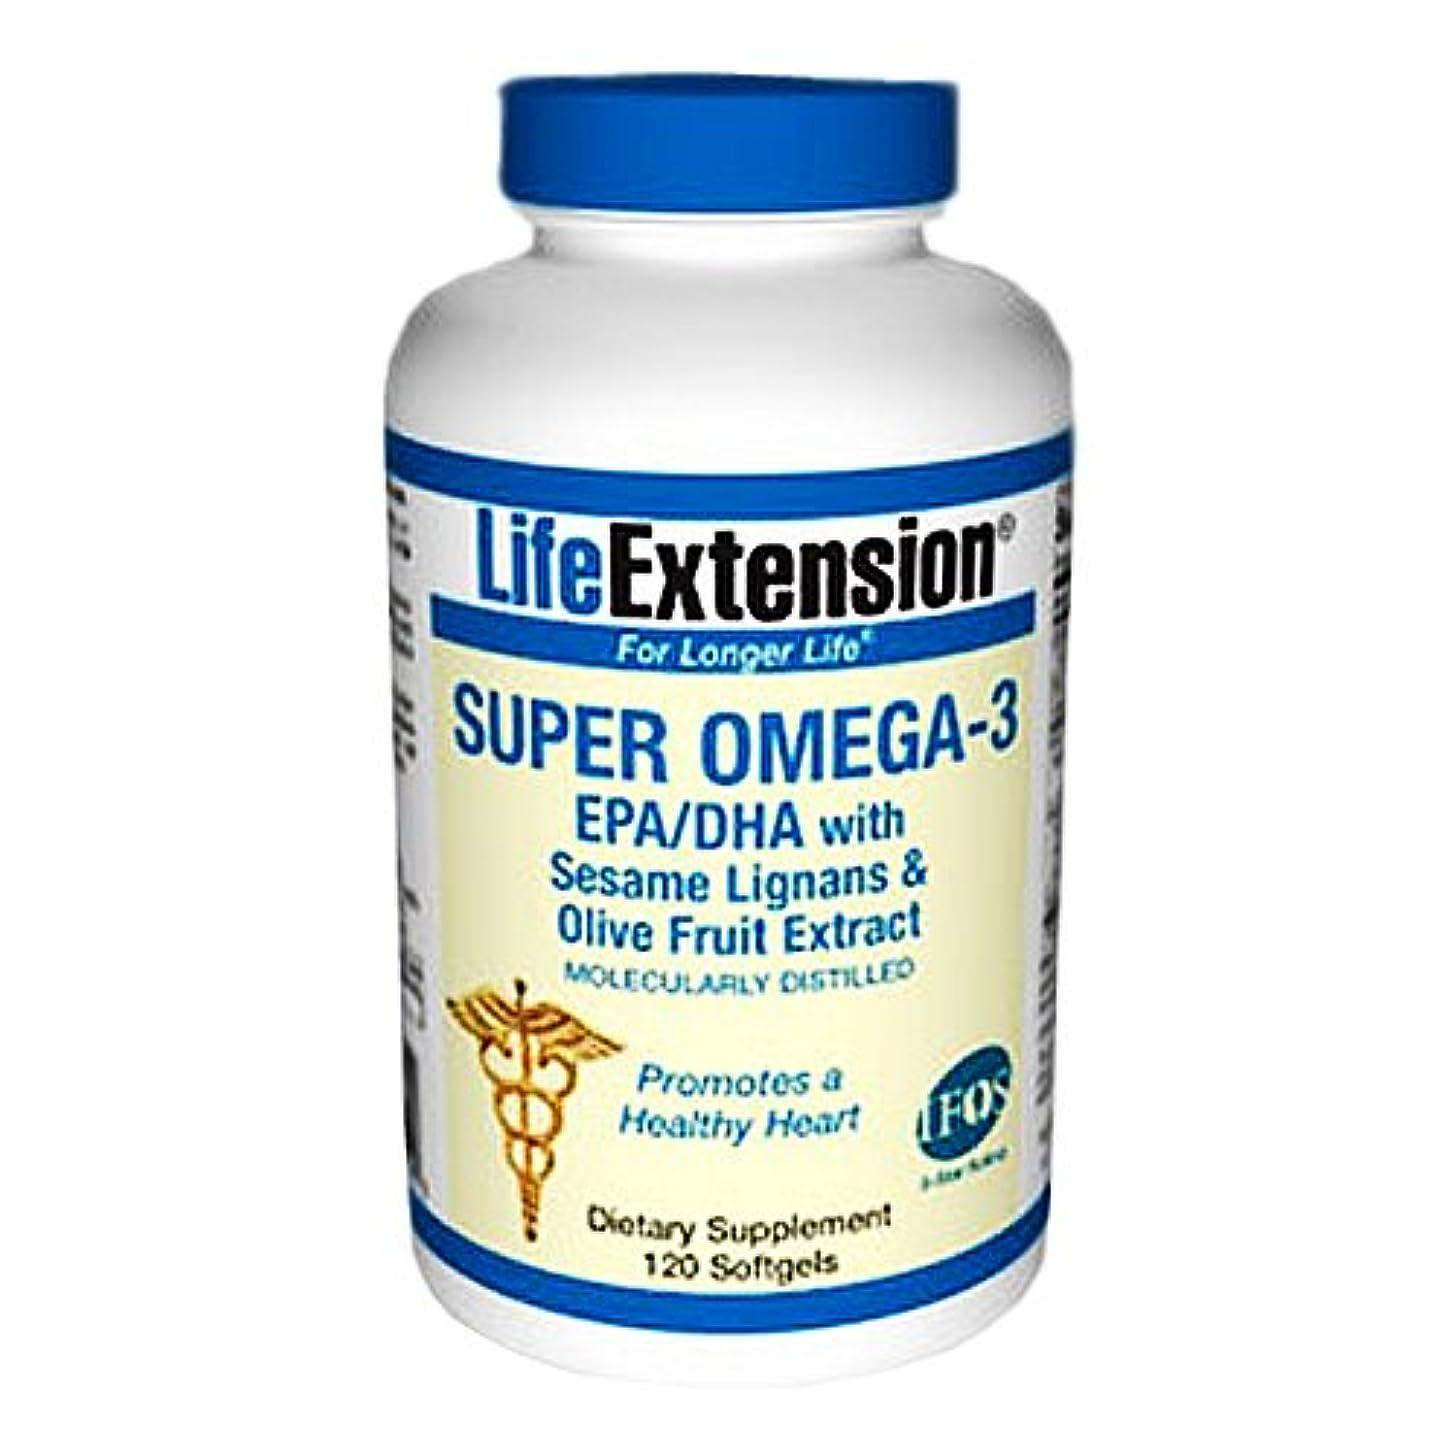 洗練表面的な額スーパーオメガ3 EPA / DHA ゴマリグナン&オリーブ果実の抽出物 Omega-3 EPA/DHA with Sesame Lignans & Olive Fruit Extract (海外直送品)